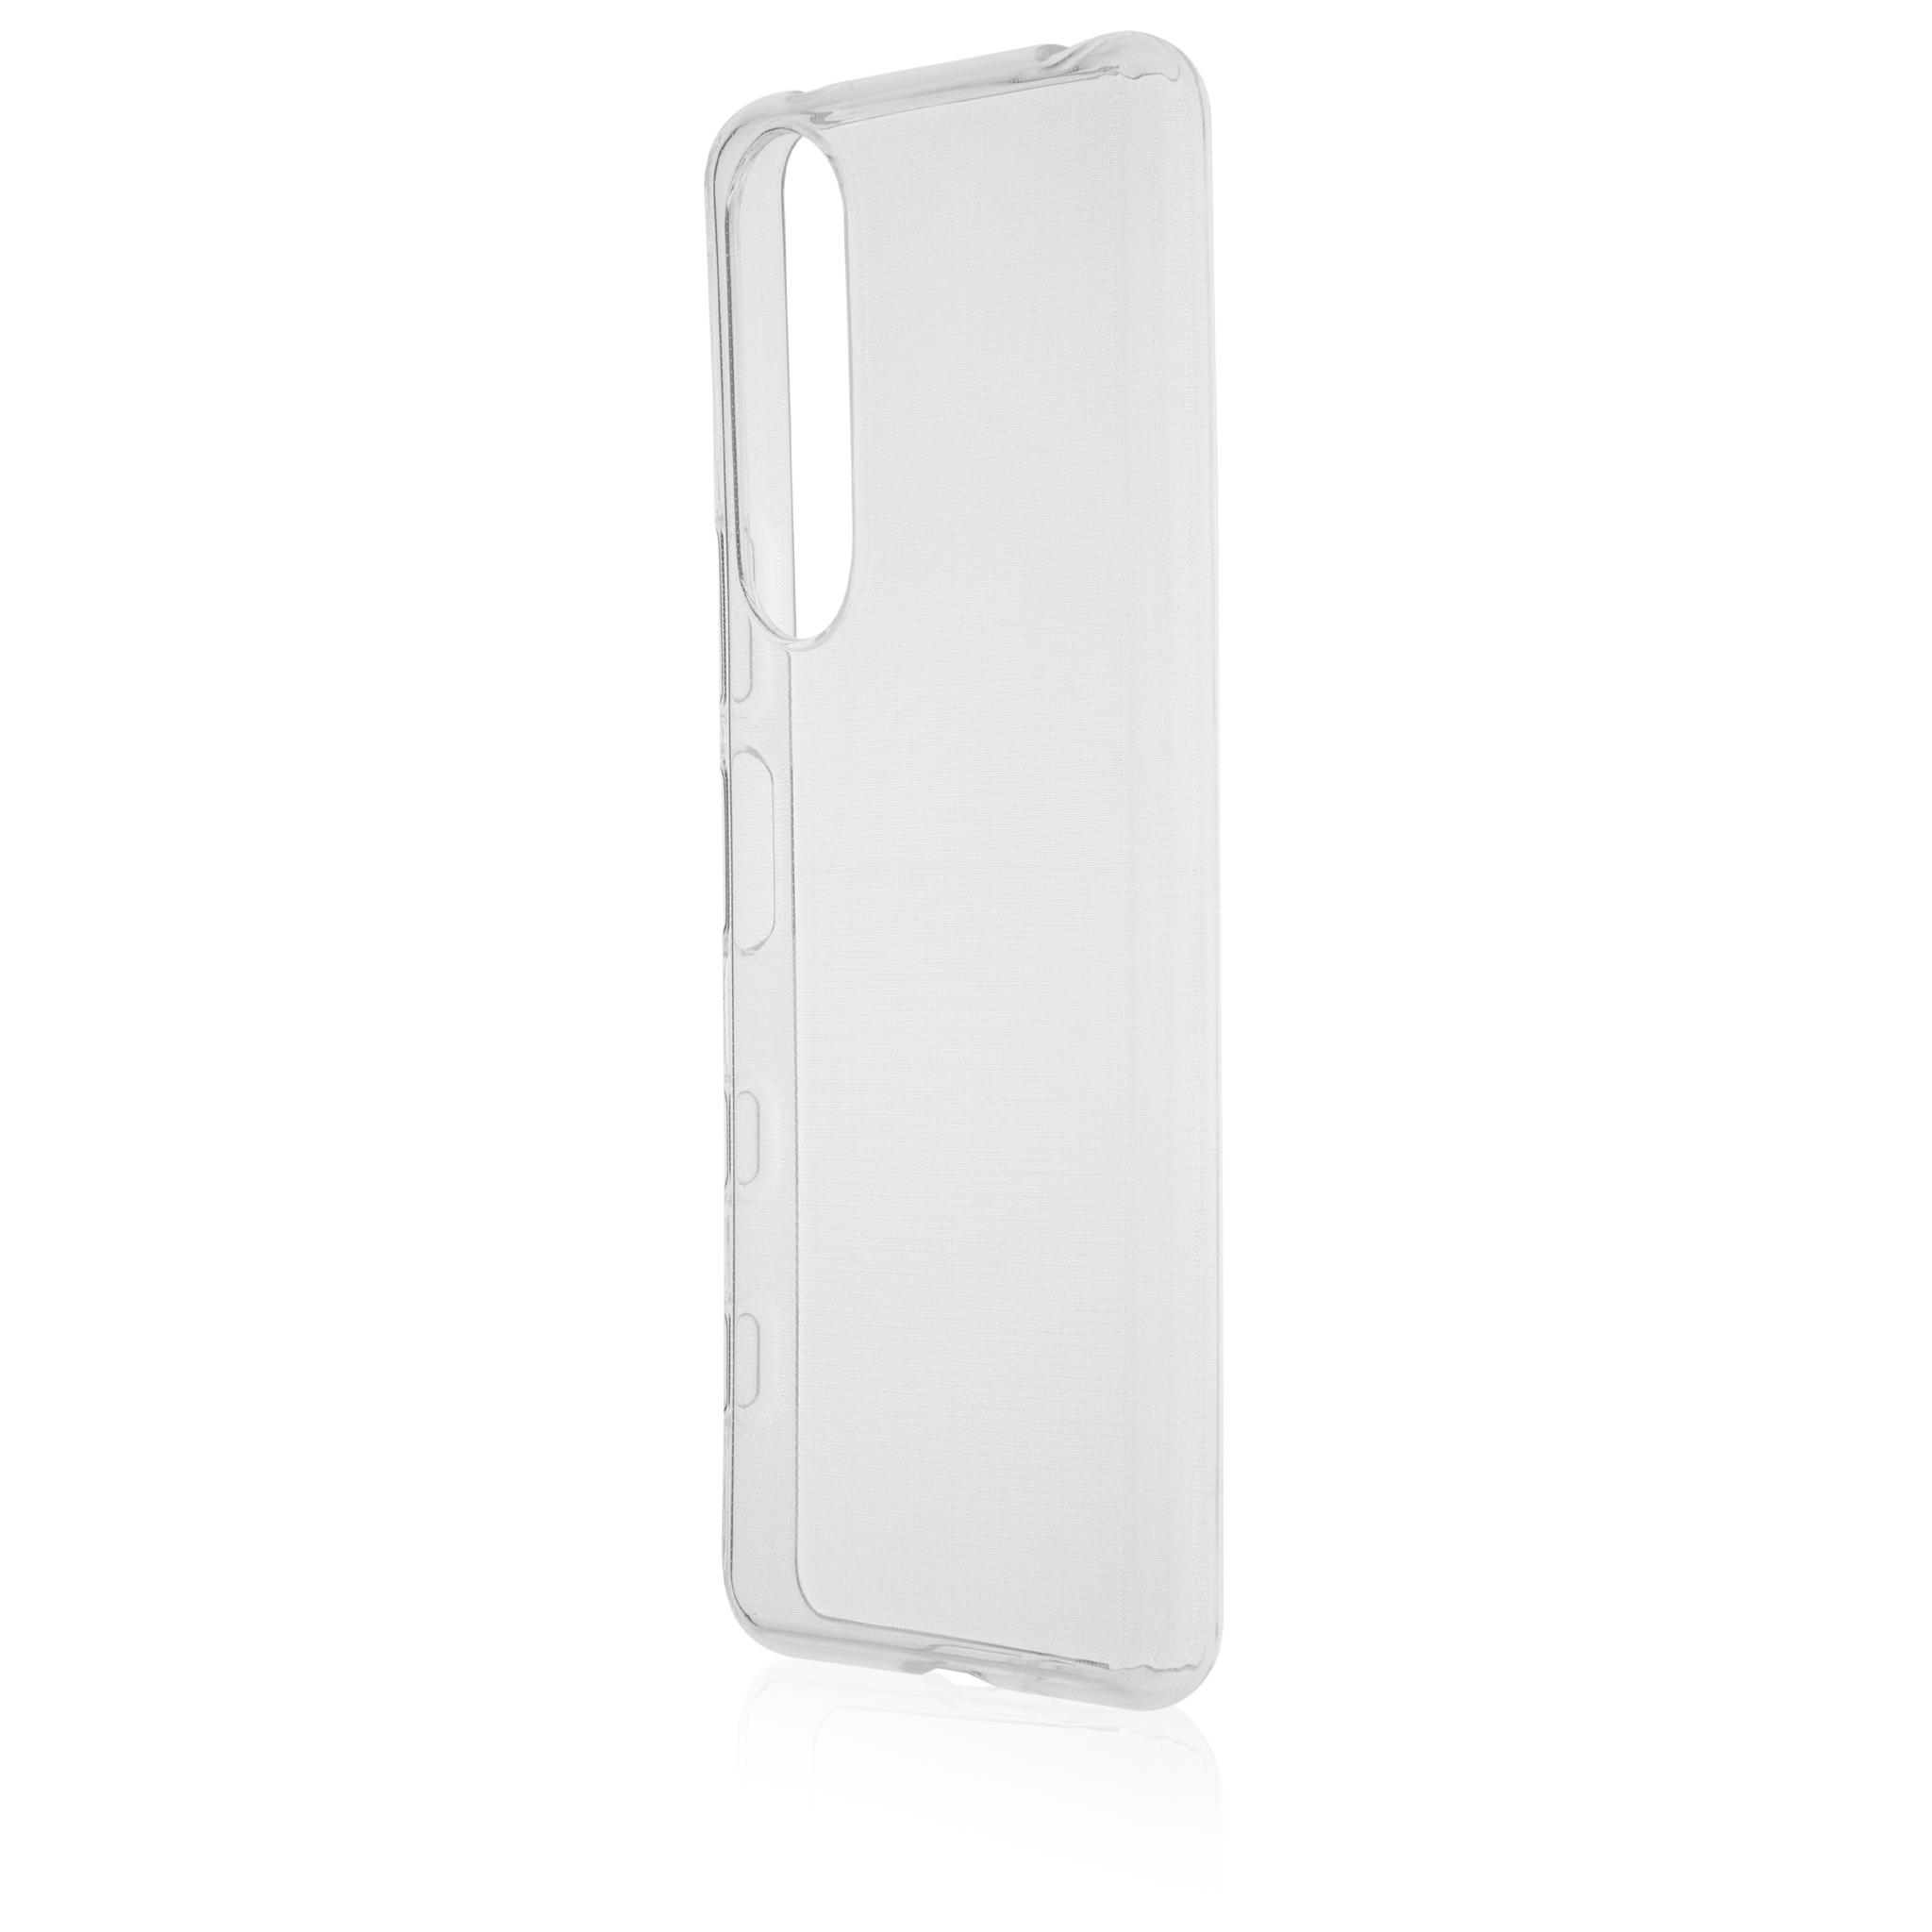 Силиконовая накладка для Xperia 5 III купить в Sony Centre, прозрачная